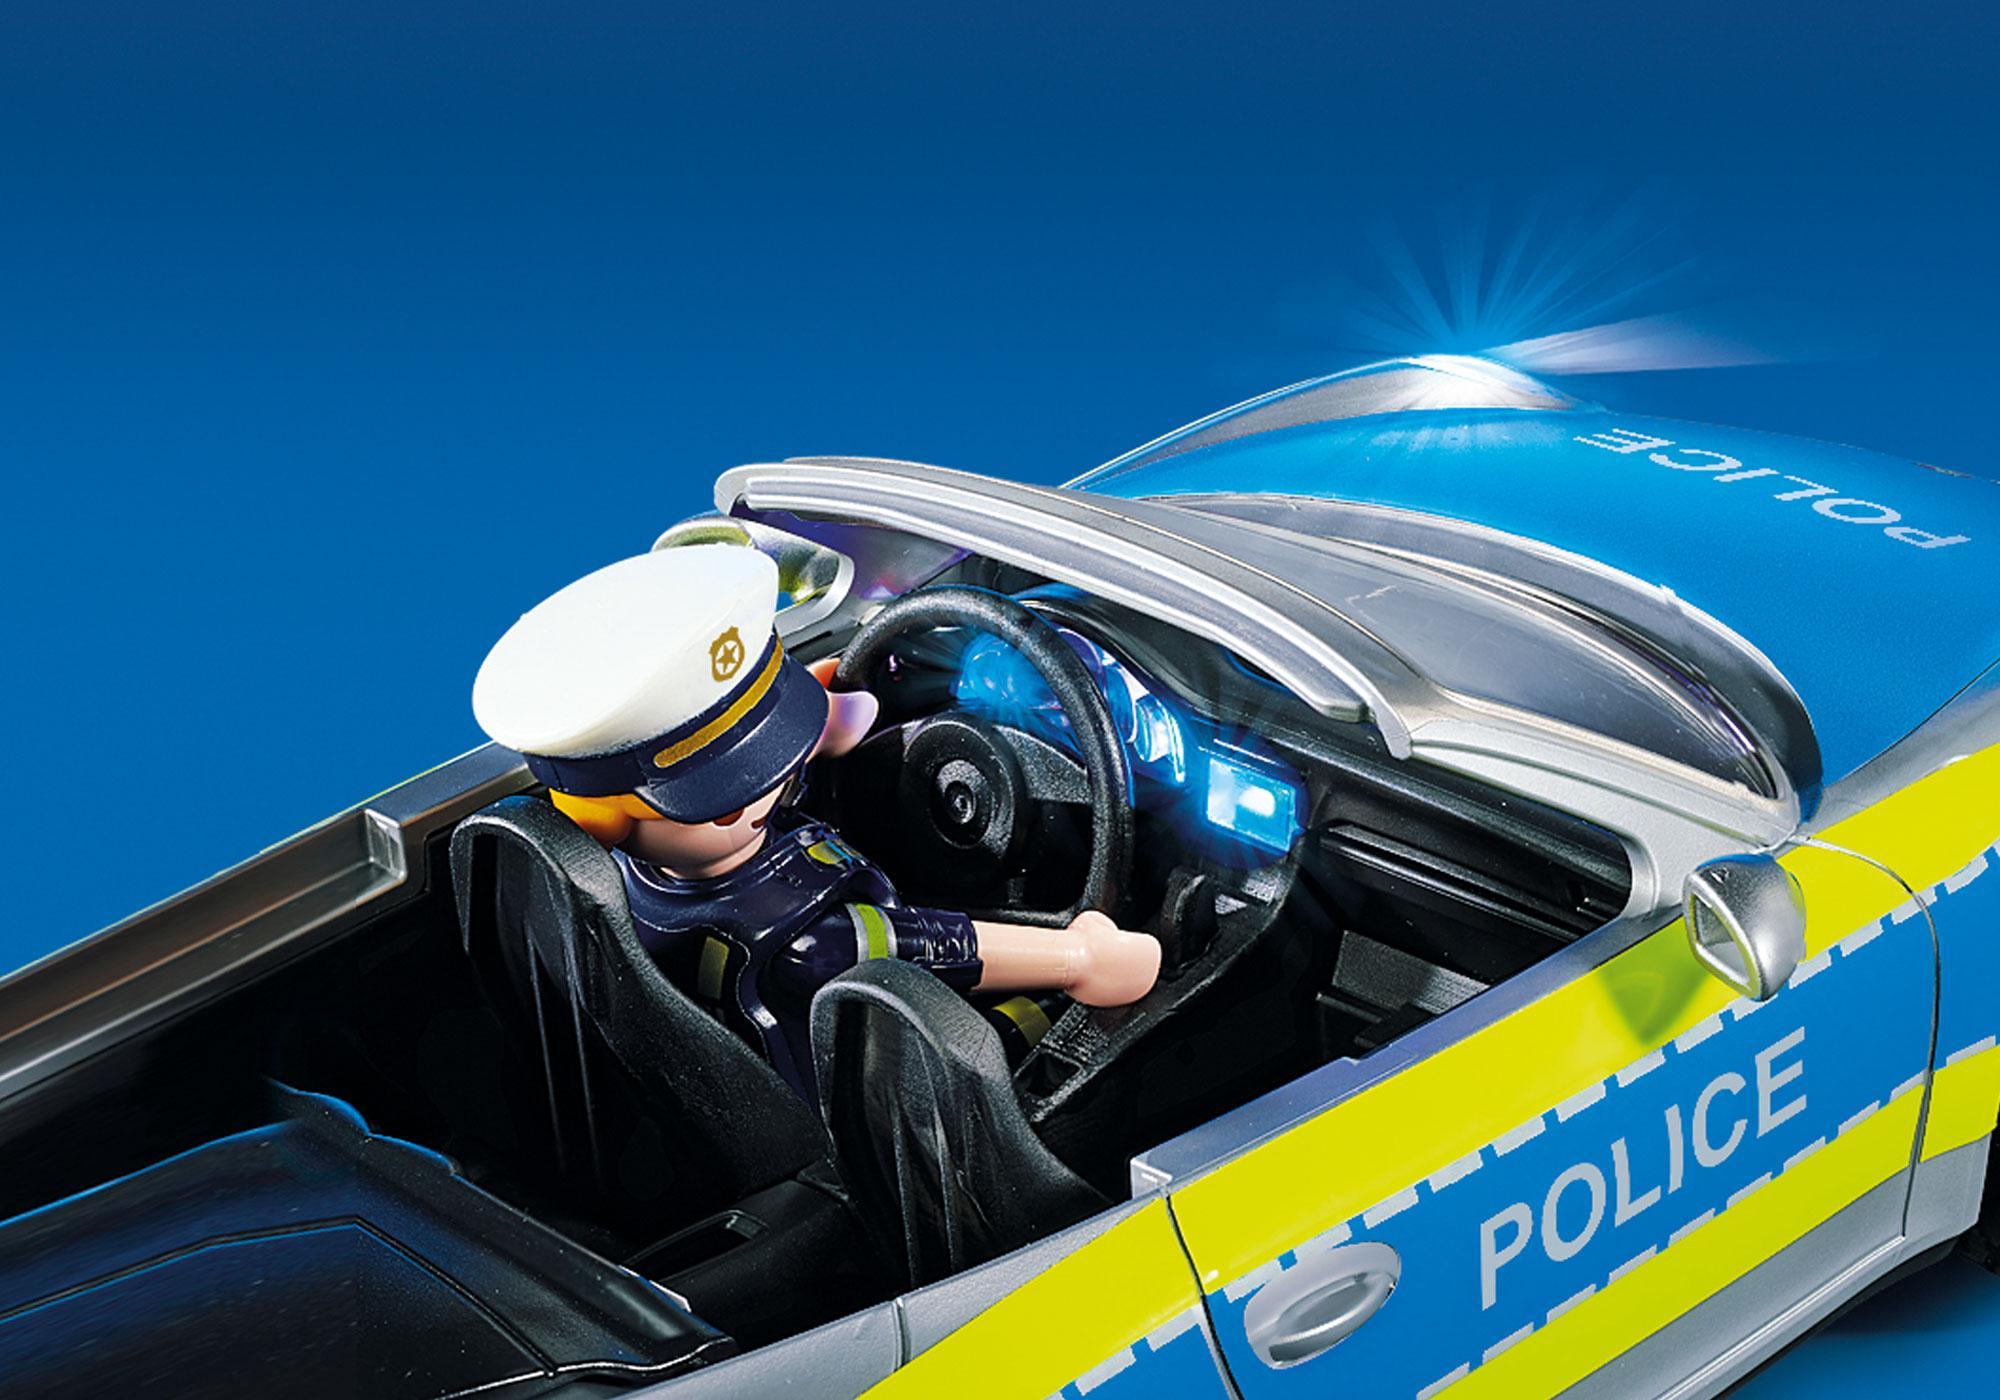 http://media.playmobil.com/i/playmobil/70066_product_extra4/Porsche 911 Carrera 4S Police